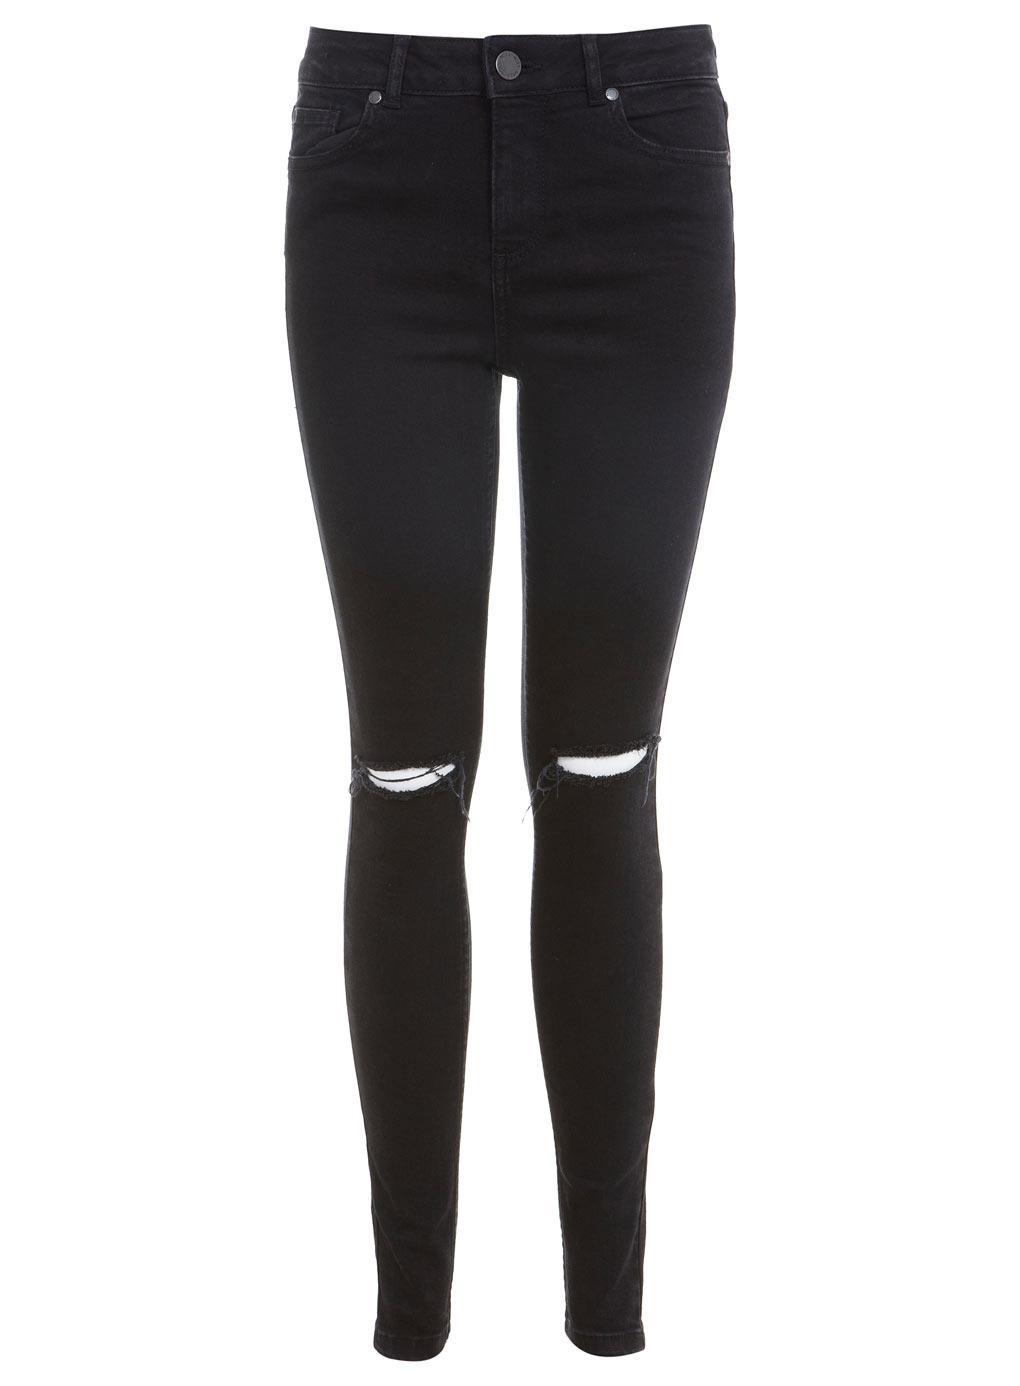 Black Razor Knee Jean - View All - New In